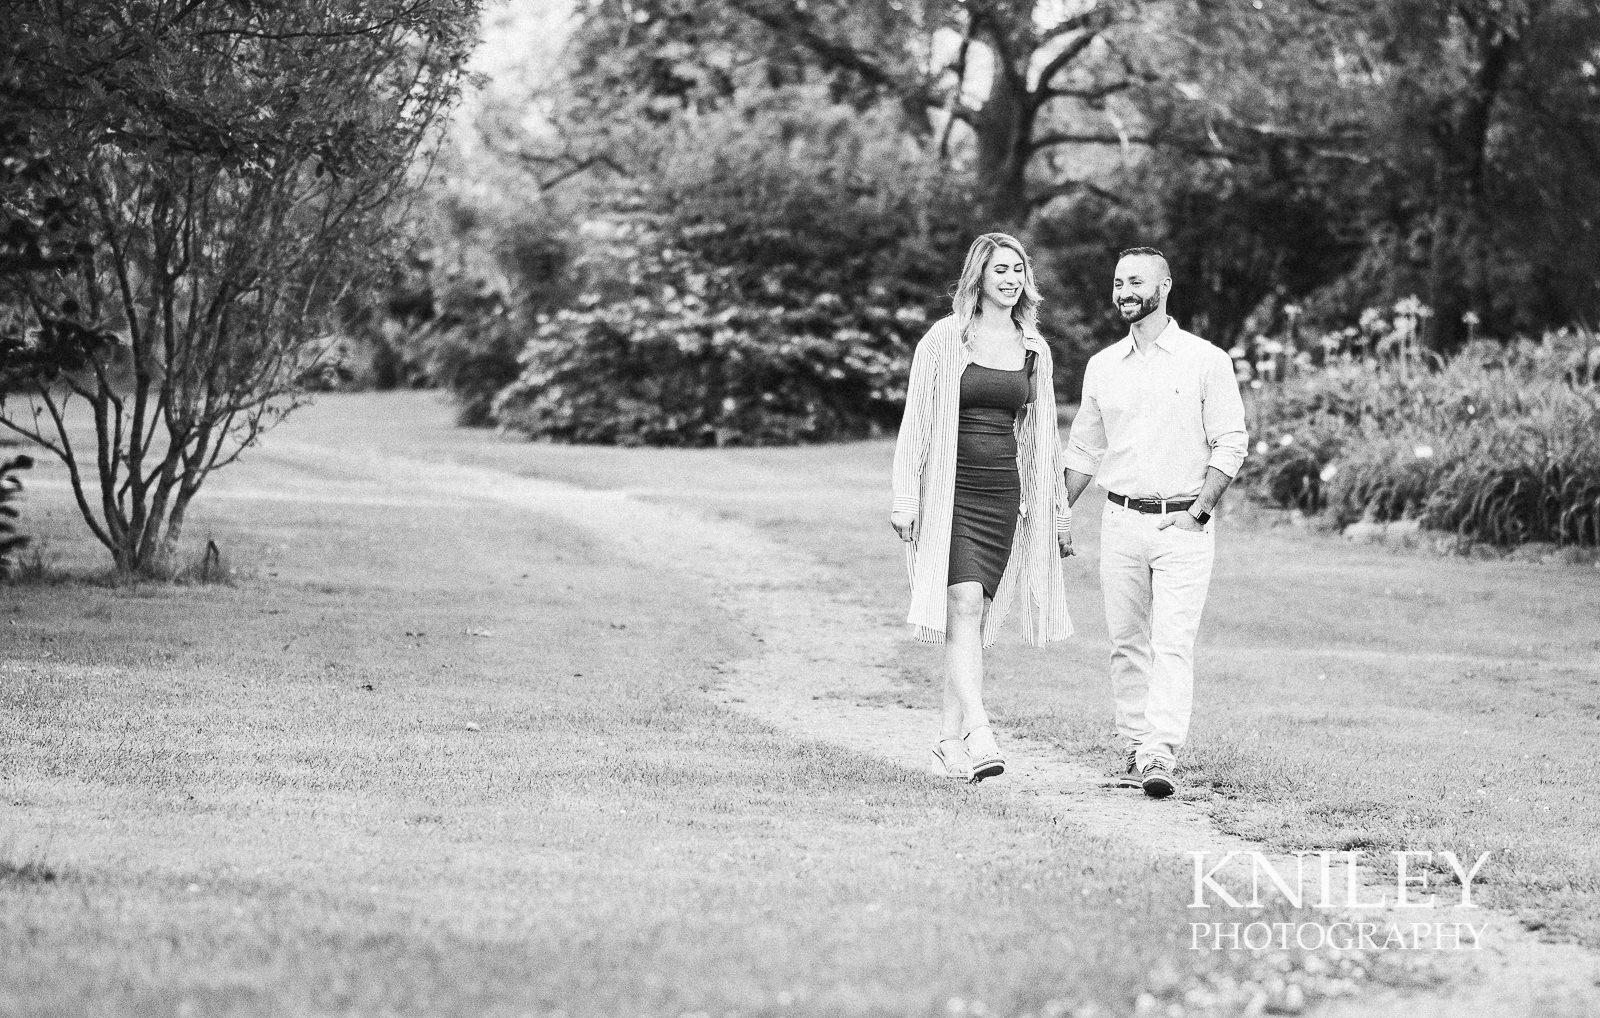 027 - Webster Arboretum Engagement Picture -XT2B2883.jpg